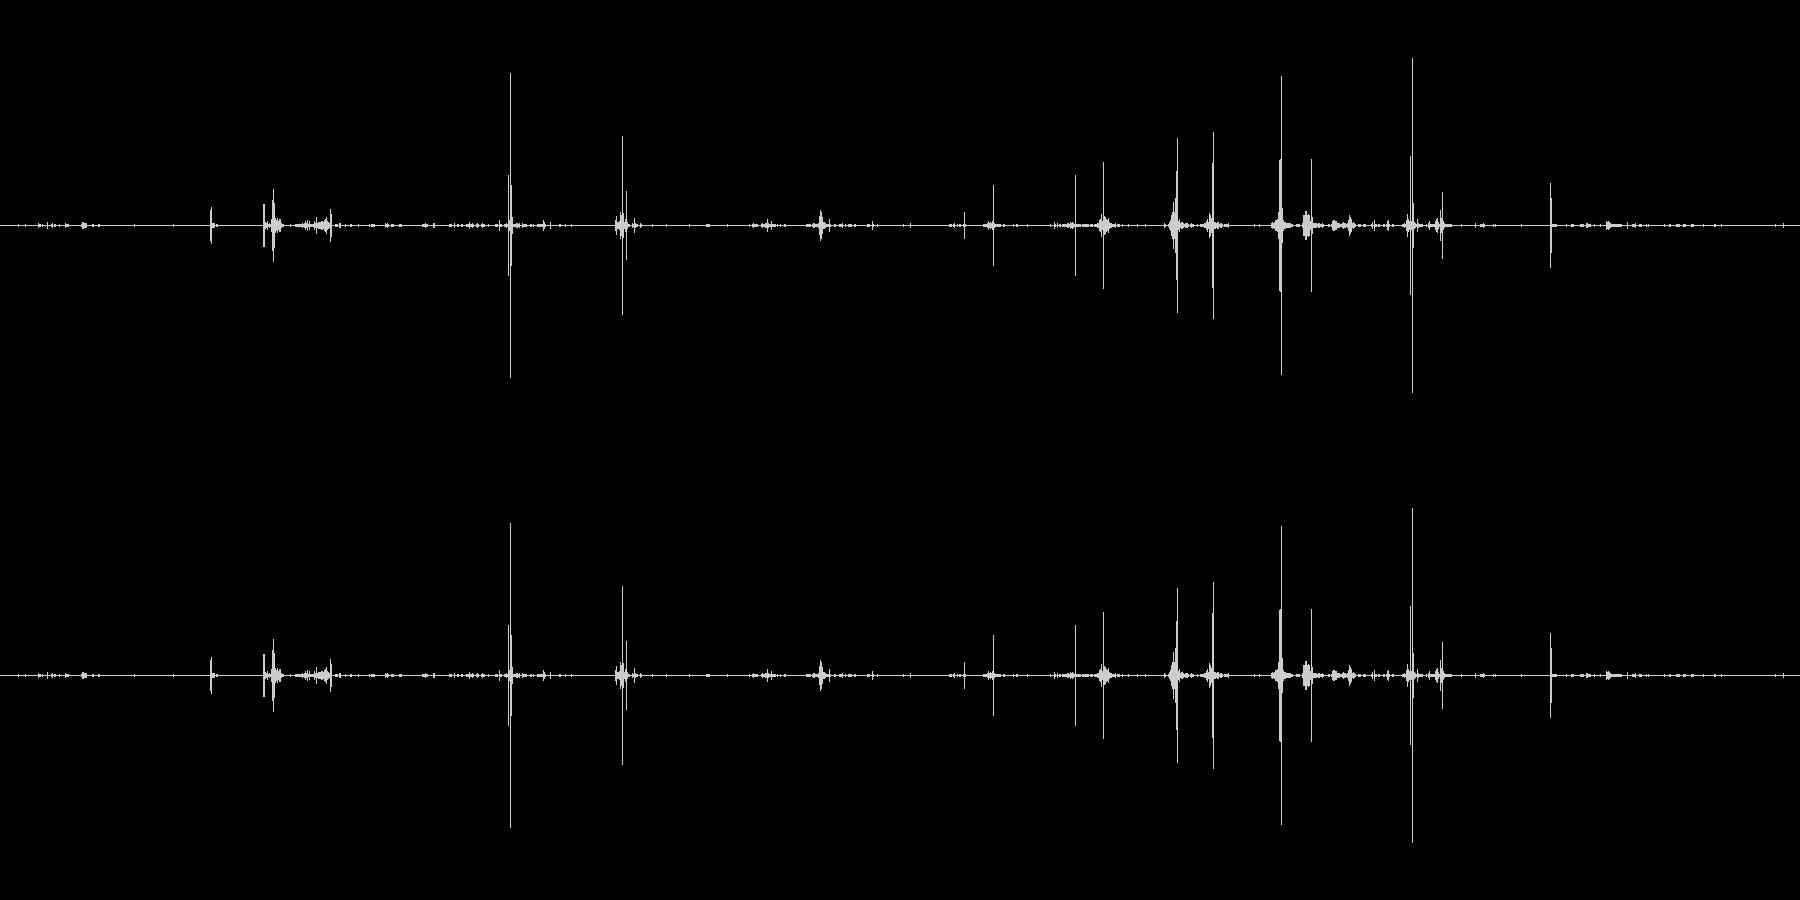 メタル ウォッチストラップラトル09の未再生の波形